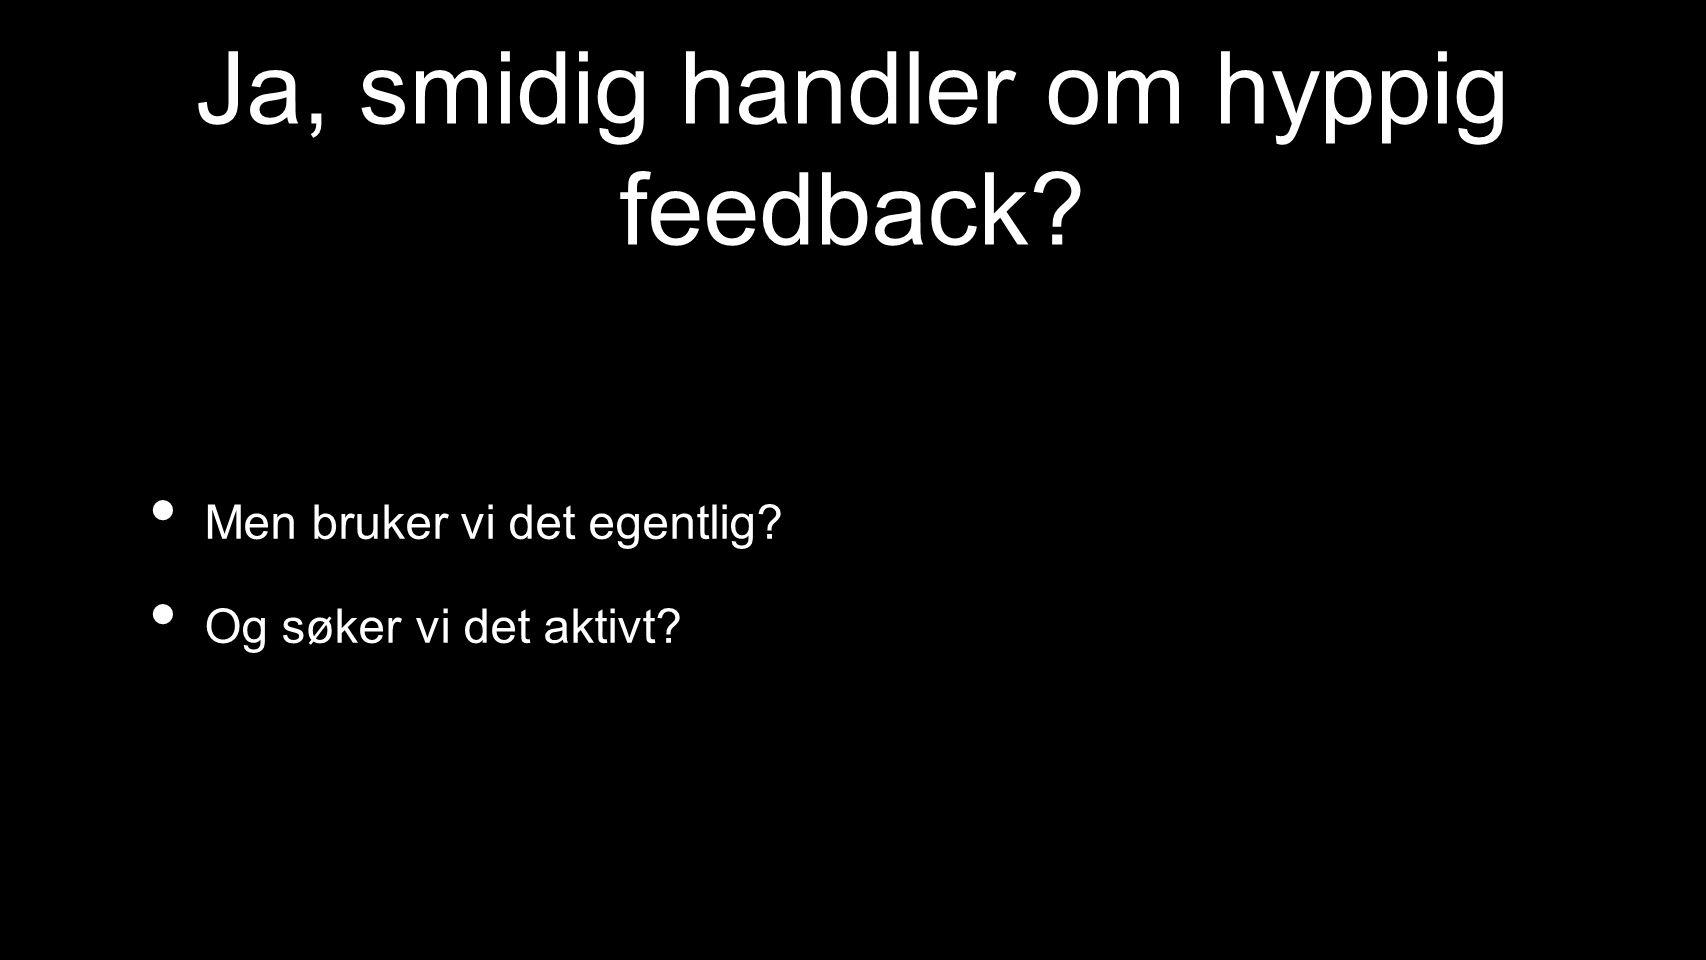 Ja, smidig handler om hyppig feedback? Men bruker vi det egentlig? Og søker vi det aktivt?